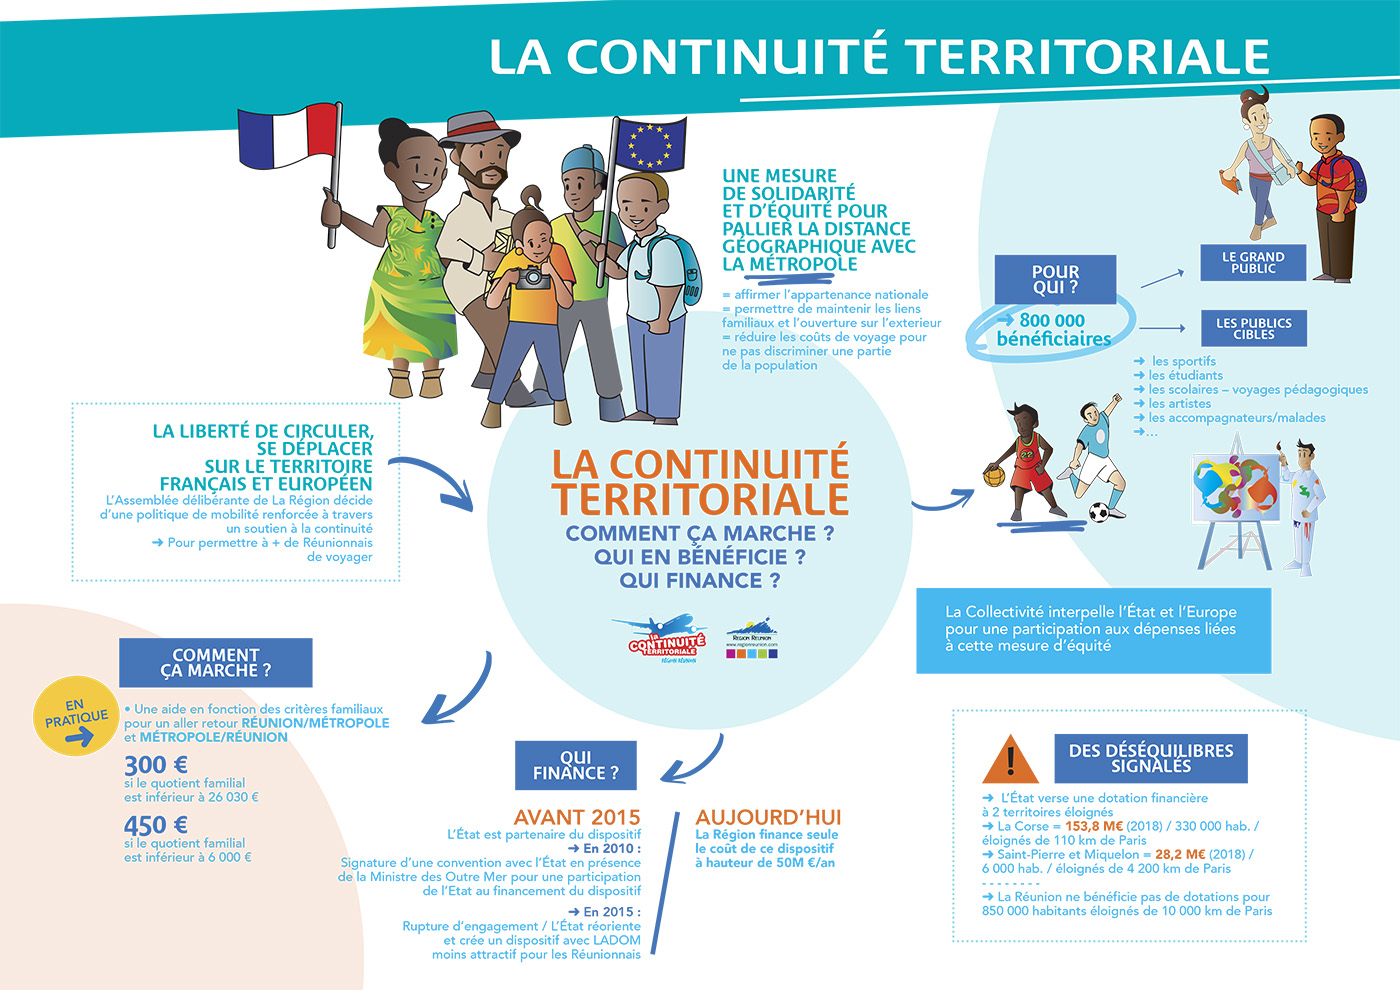 La Continuité Territoriale : Qui finance ? Qui en bénéficie ? Comment ça marche ?